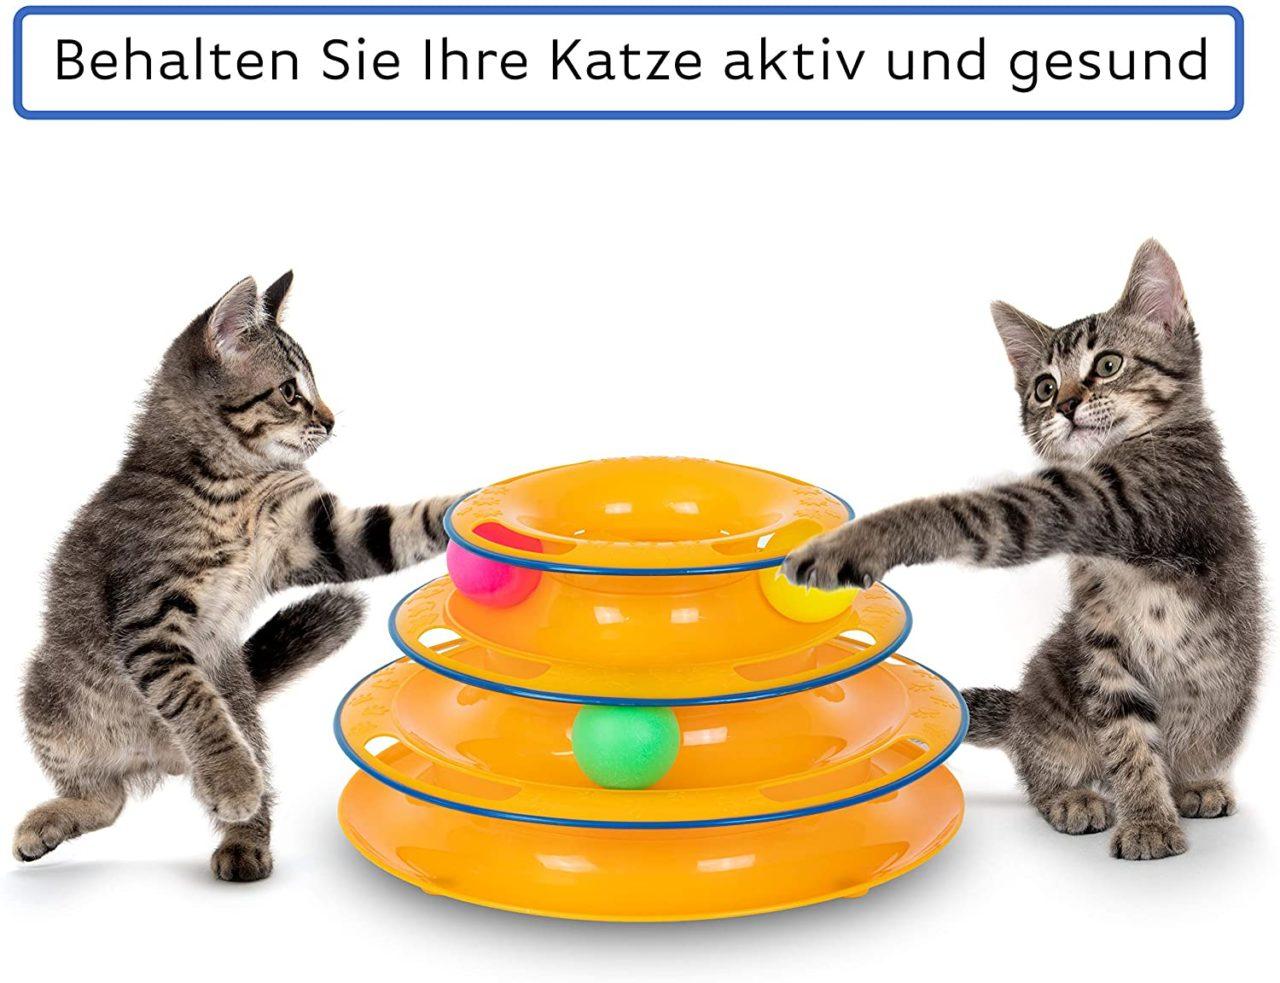 Dreifache Kugelbahn zur Beschäftigung für die Katze - interaktives Katzenspielzeug